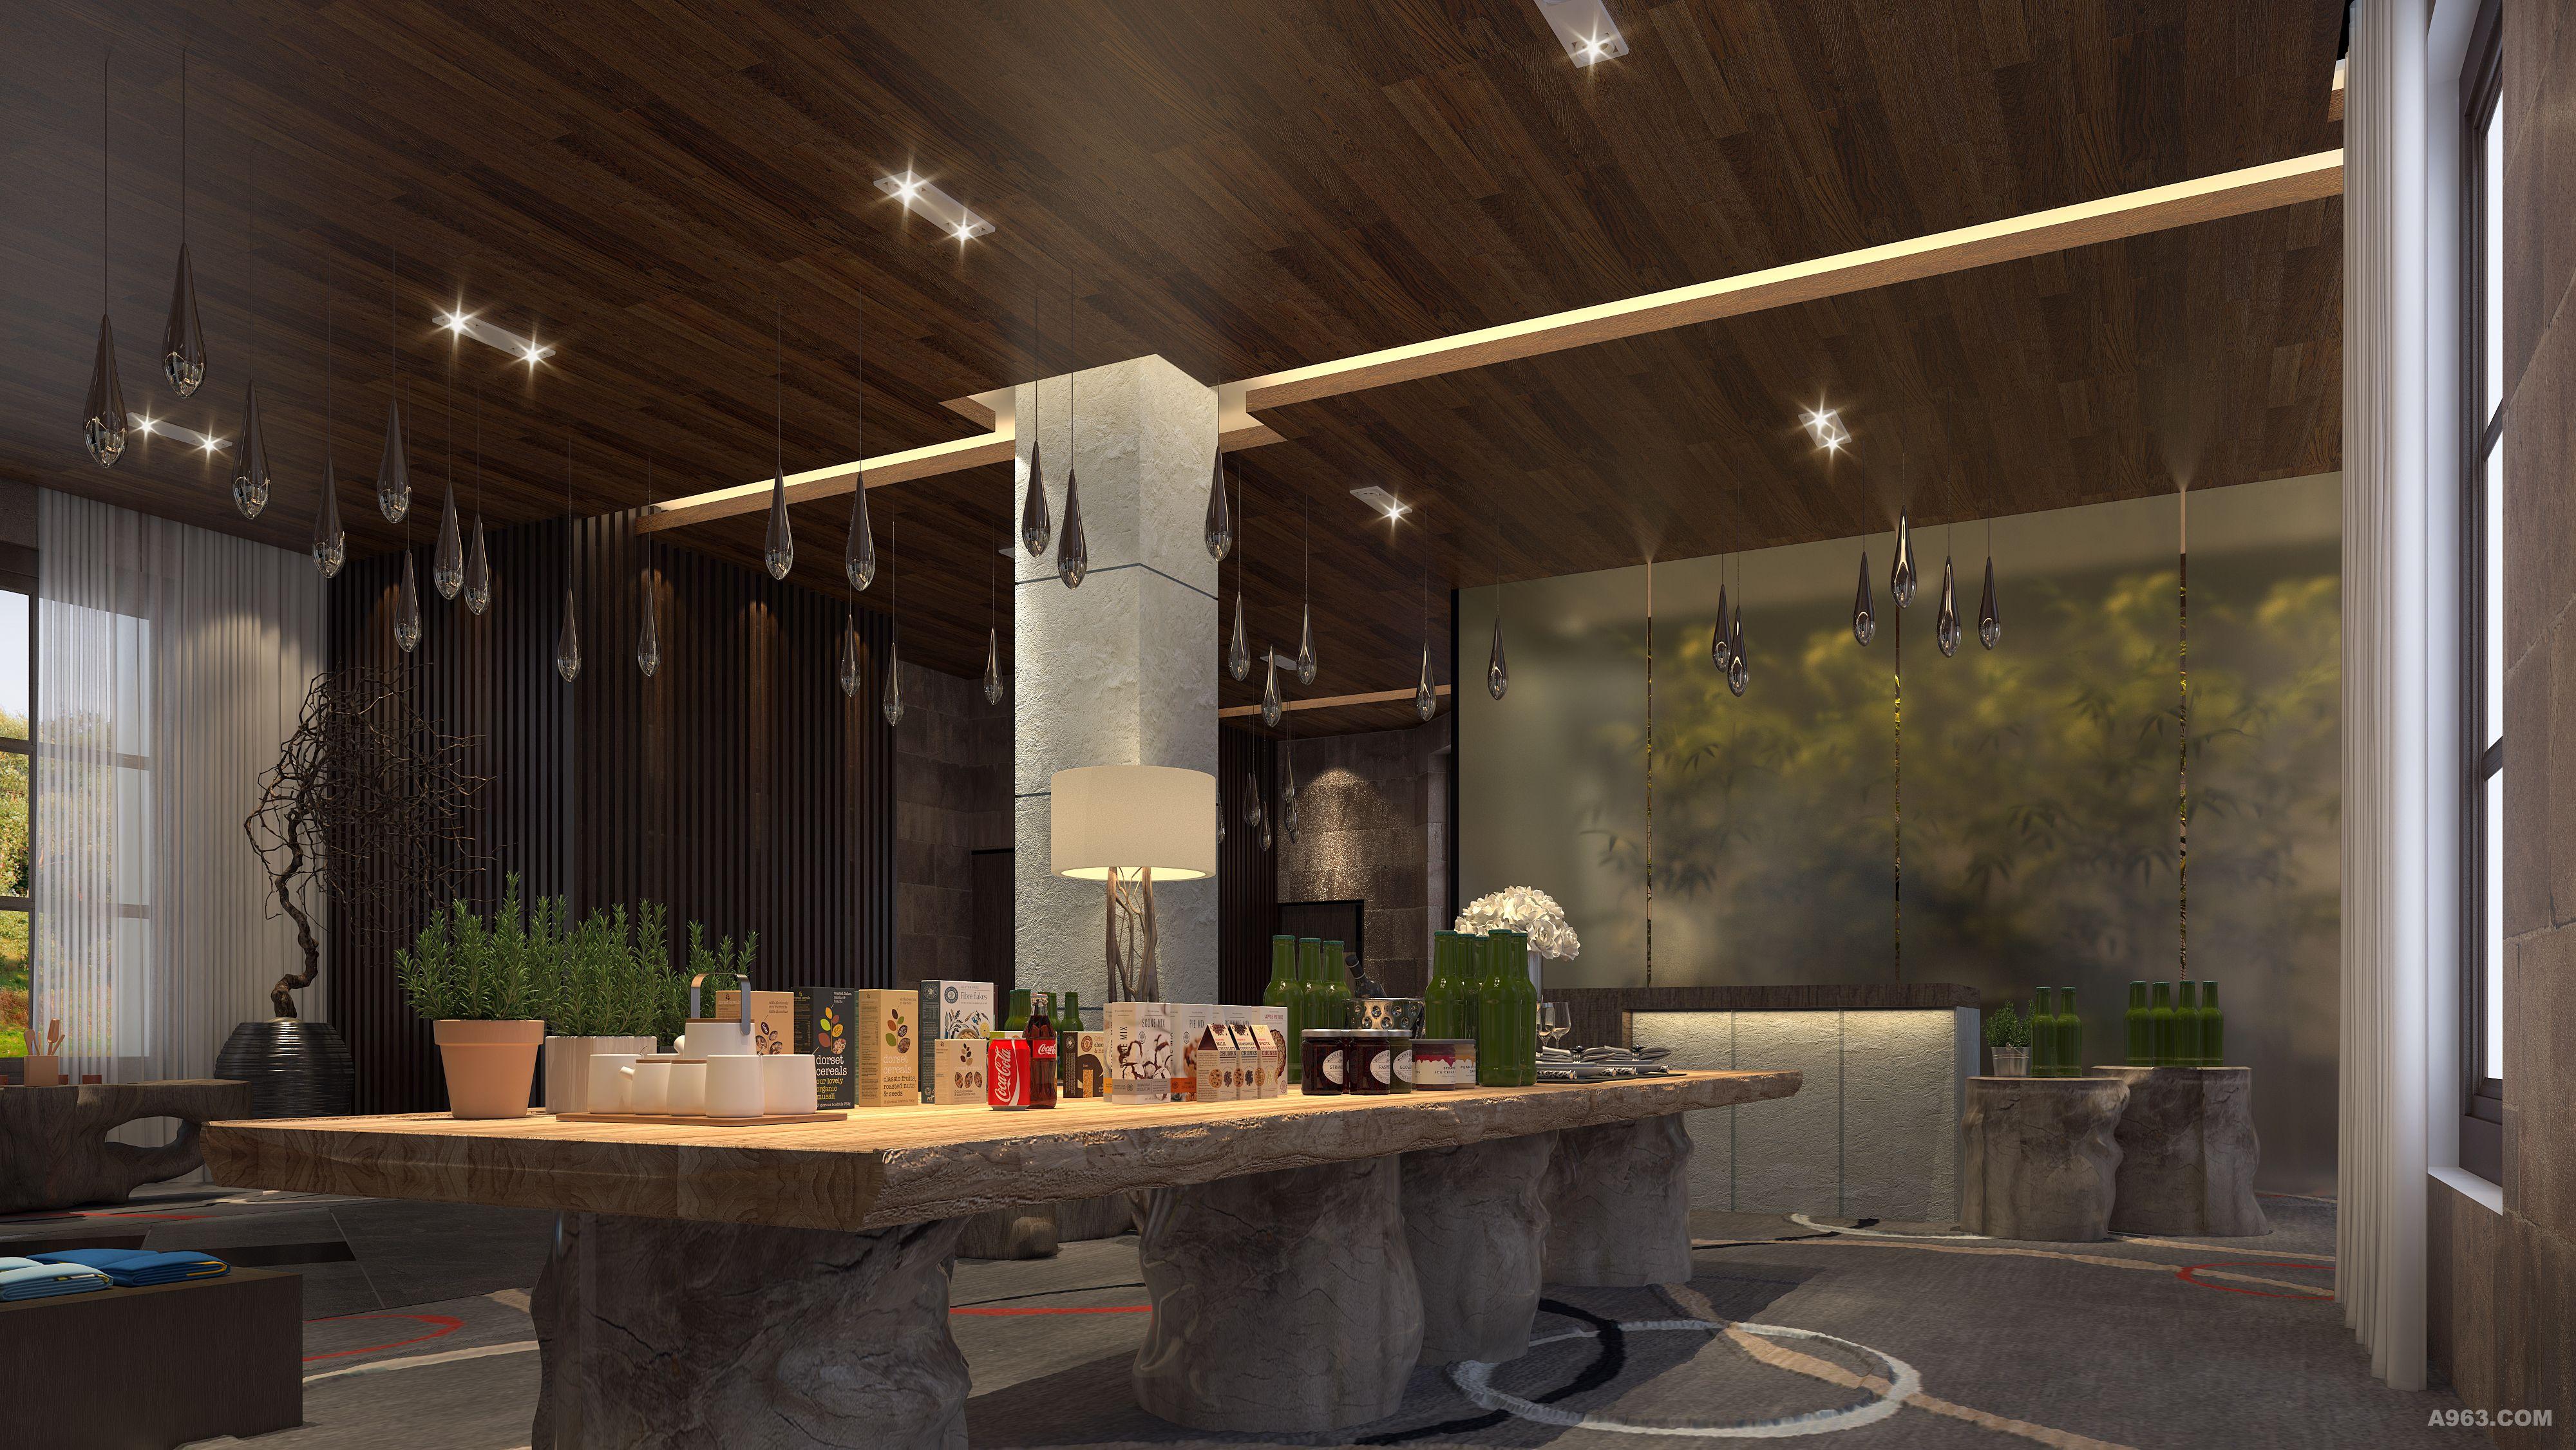 大溪谷度假酒店,位于青岛市黄岛区面积为:10000平米.